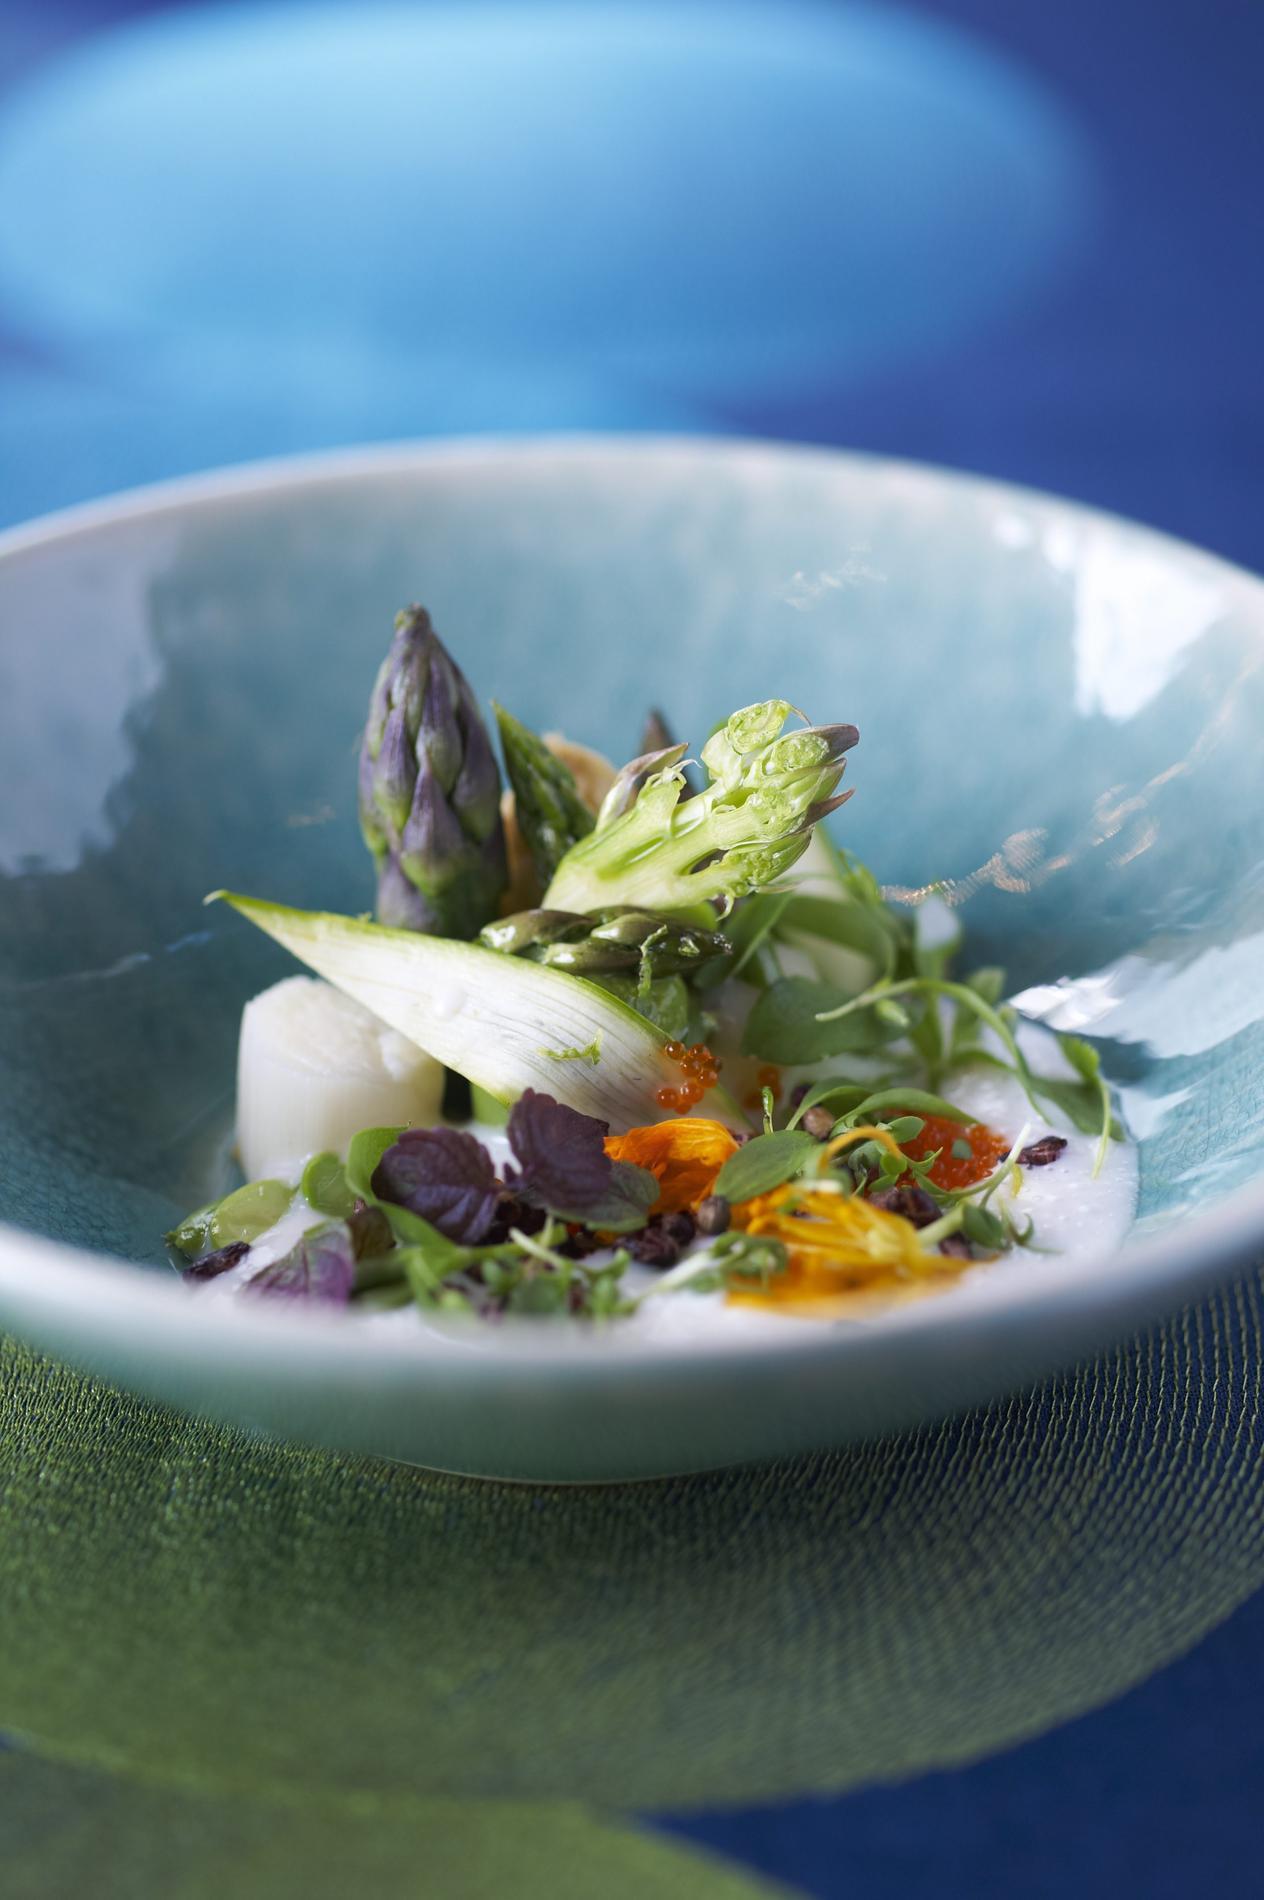 cuisiner des asperges vertes surgelées